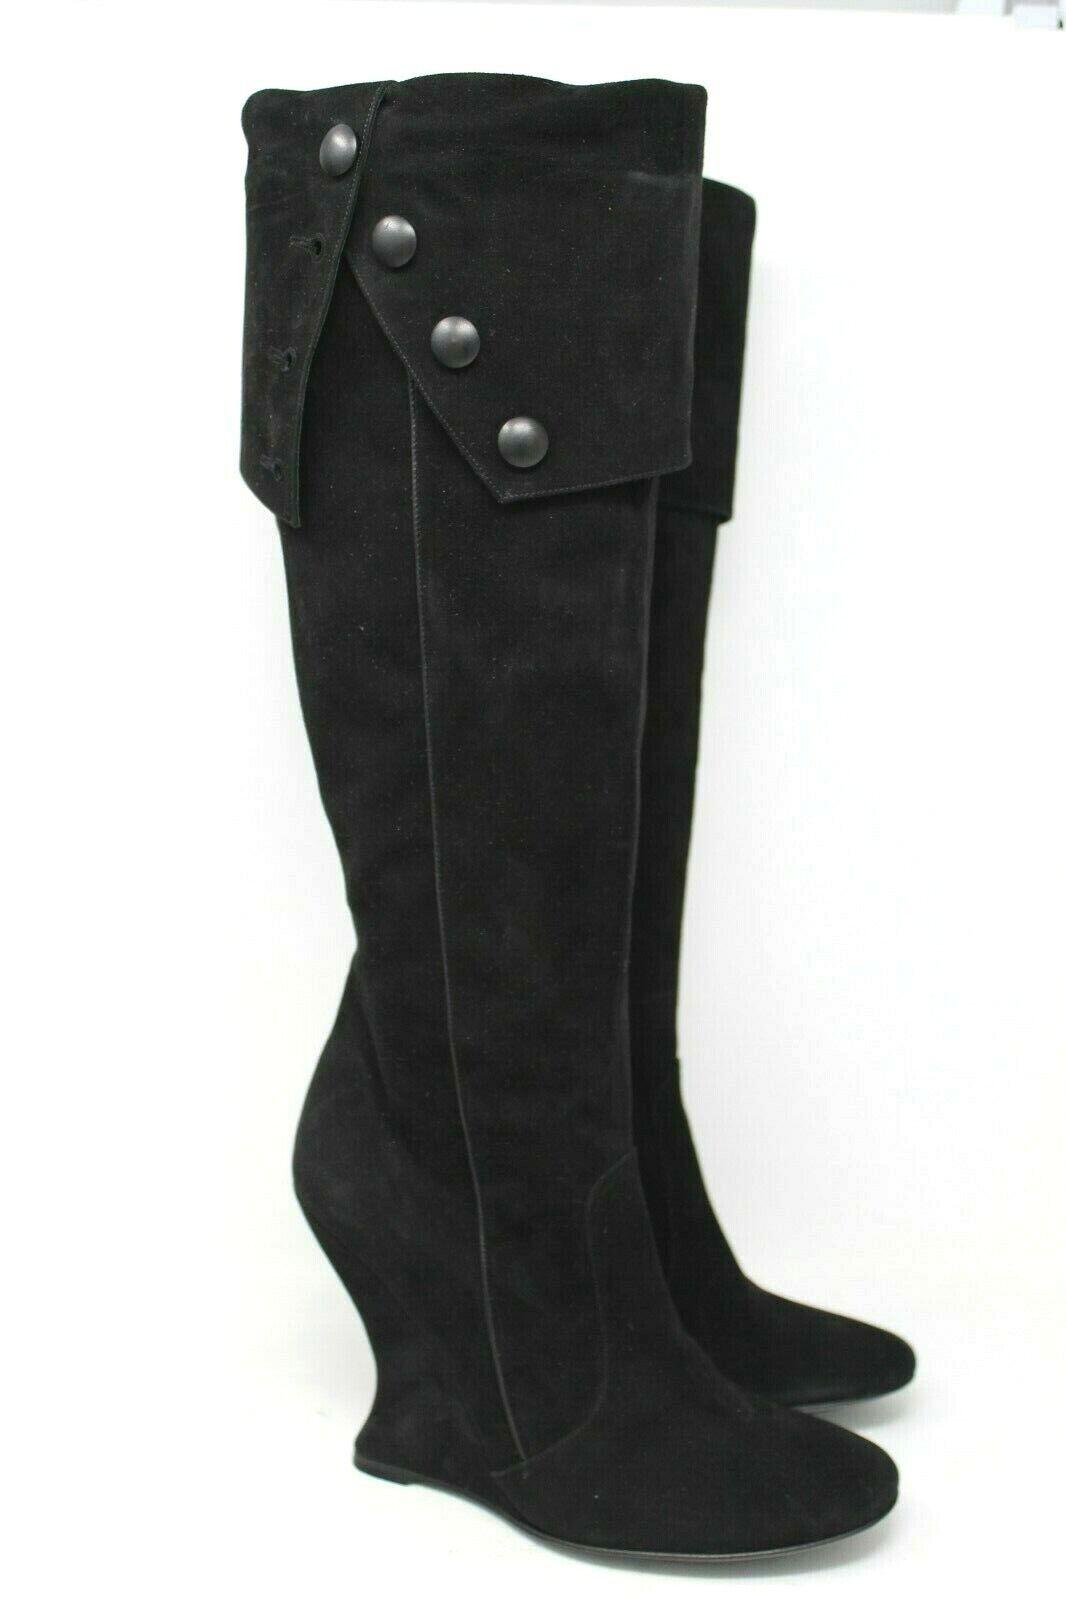 Bcbgmaxazria Gamuza pliegue sobre la rodilla alta botas de cuña cuña cuña en negro - 38 EUR, 8 US  connotación de lujo discreta